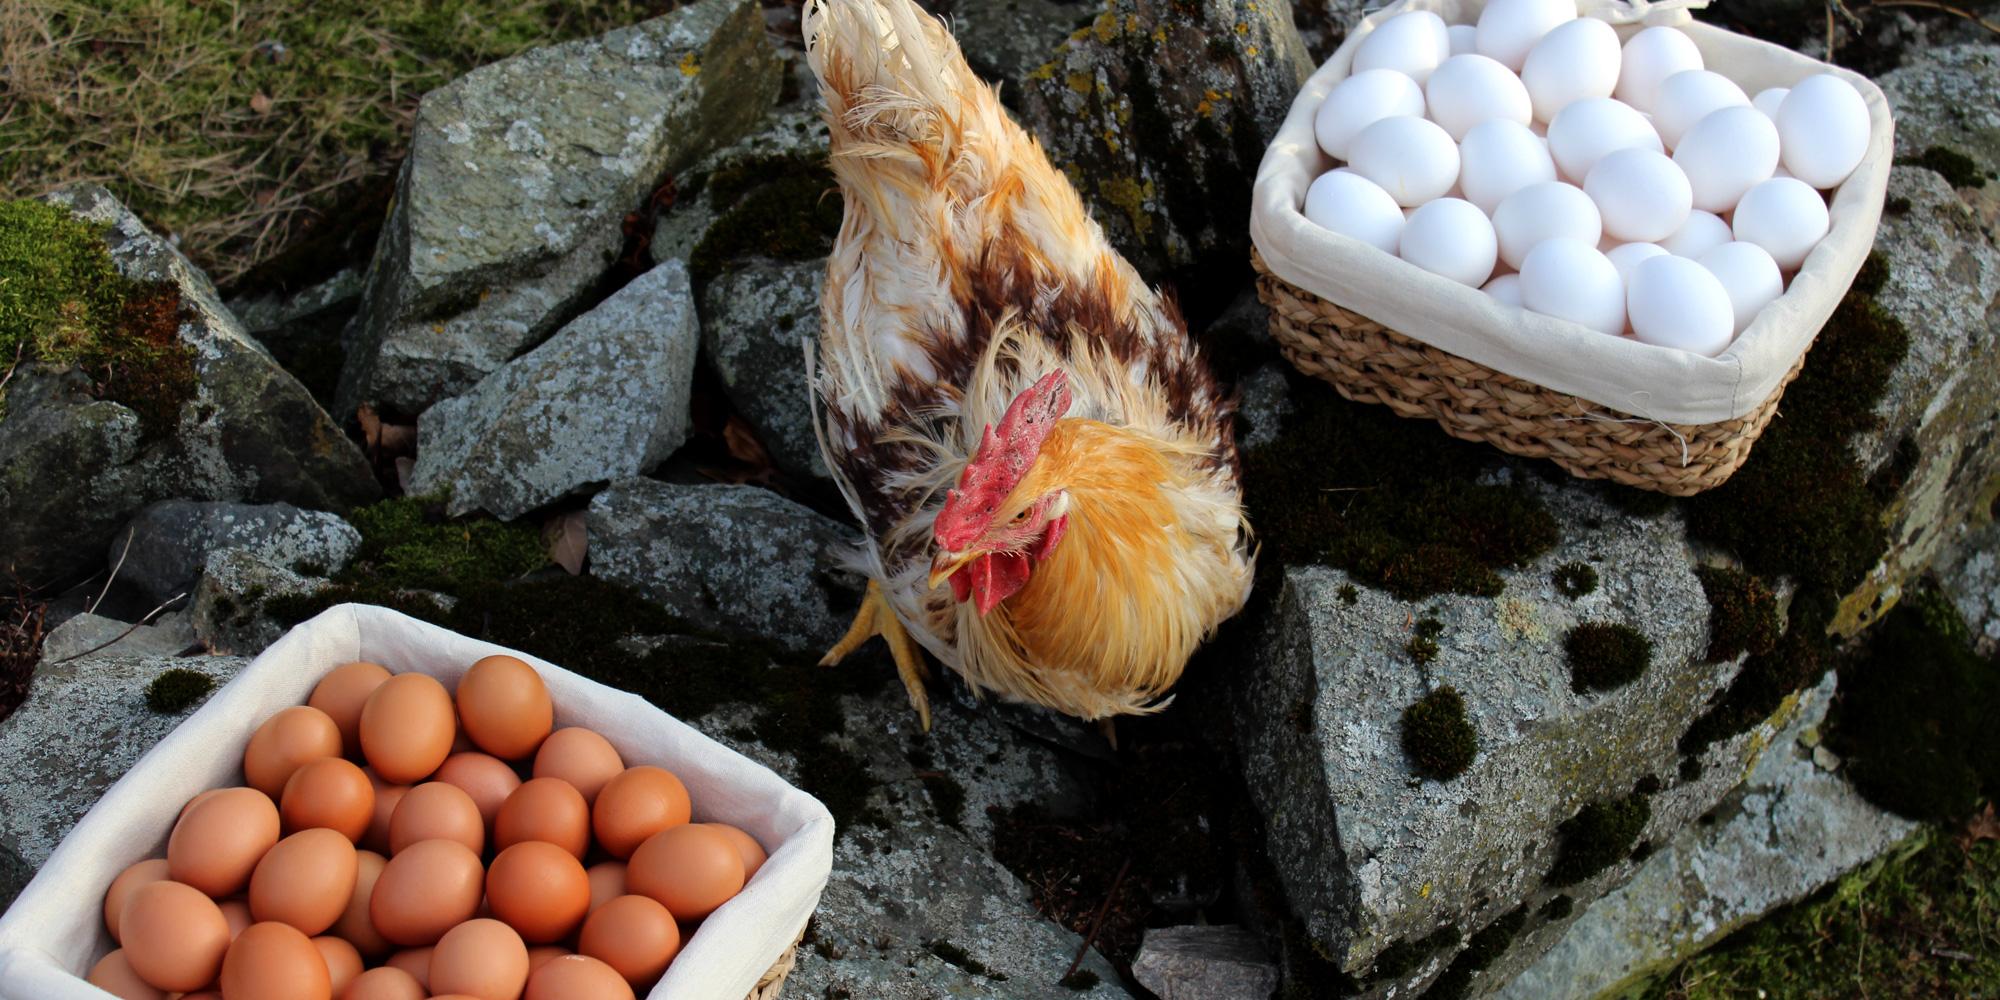 Høne med egg fra Rias egg. Copyright: Mikkelhaug